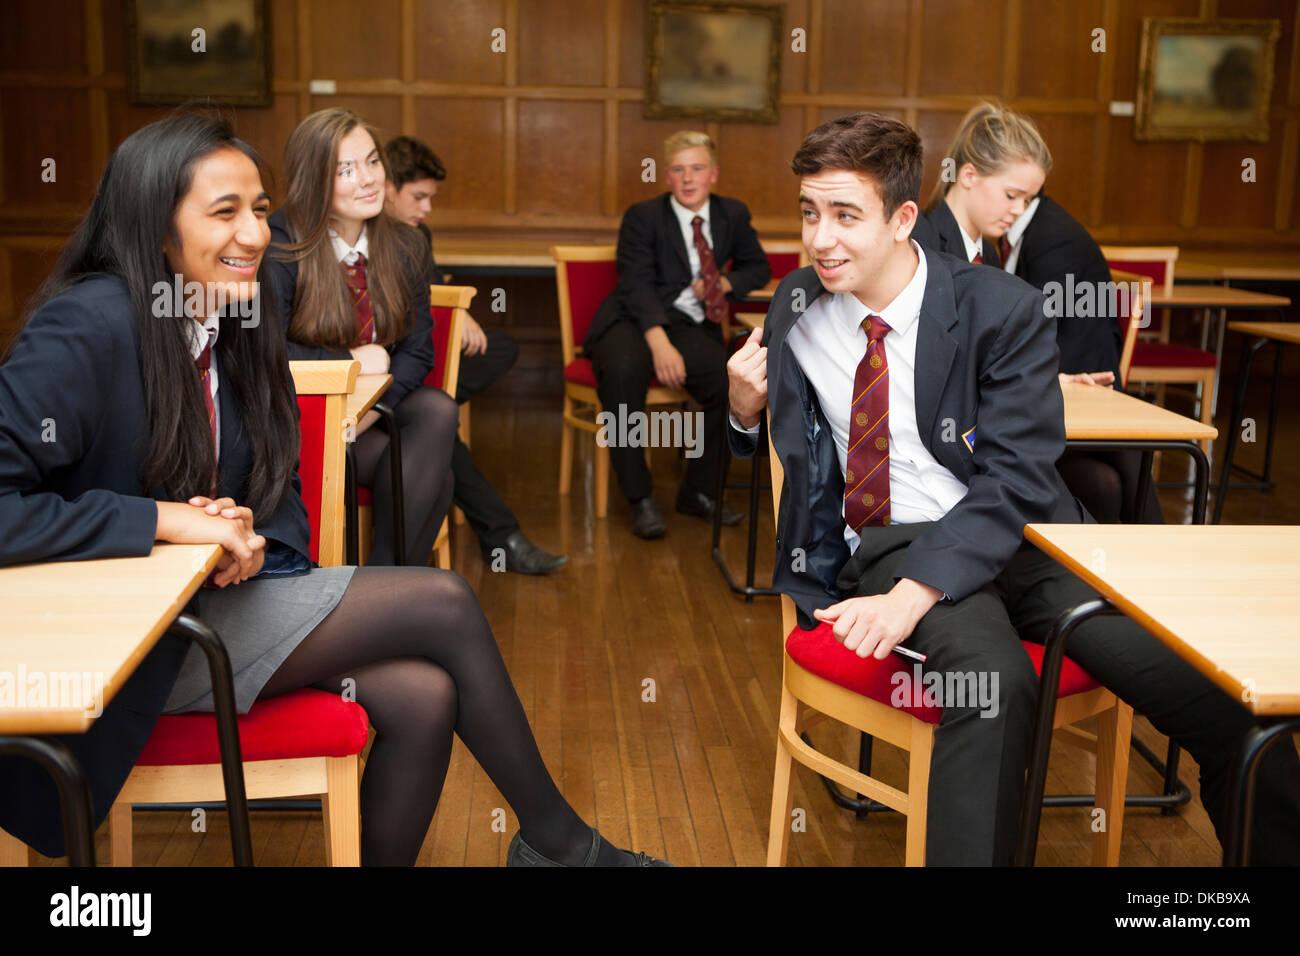 Group of  teenage schoolchildren relaxing in exam class - Stock Image